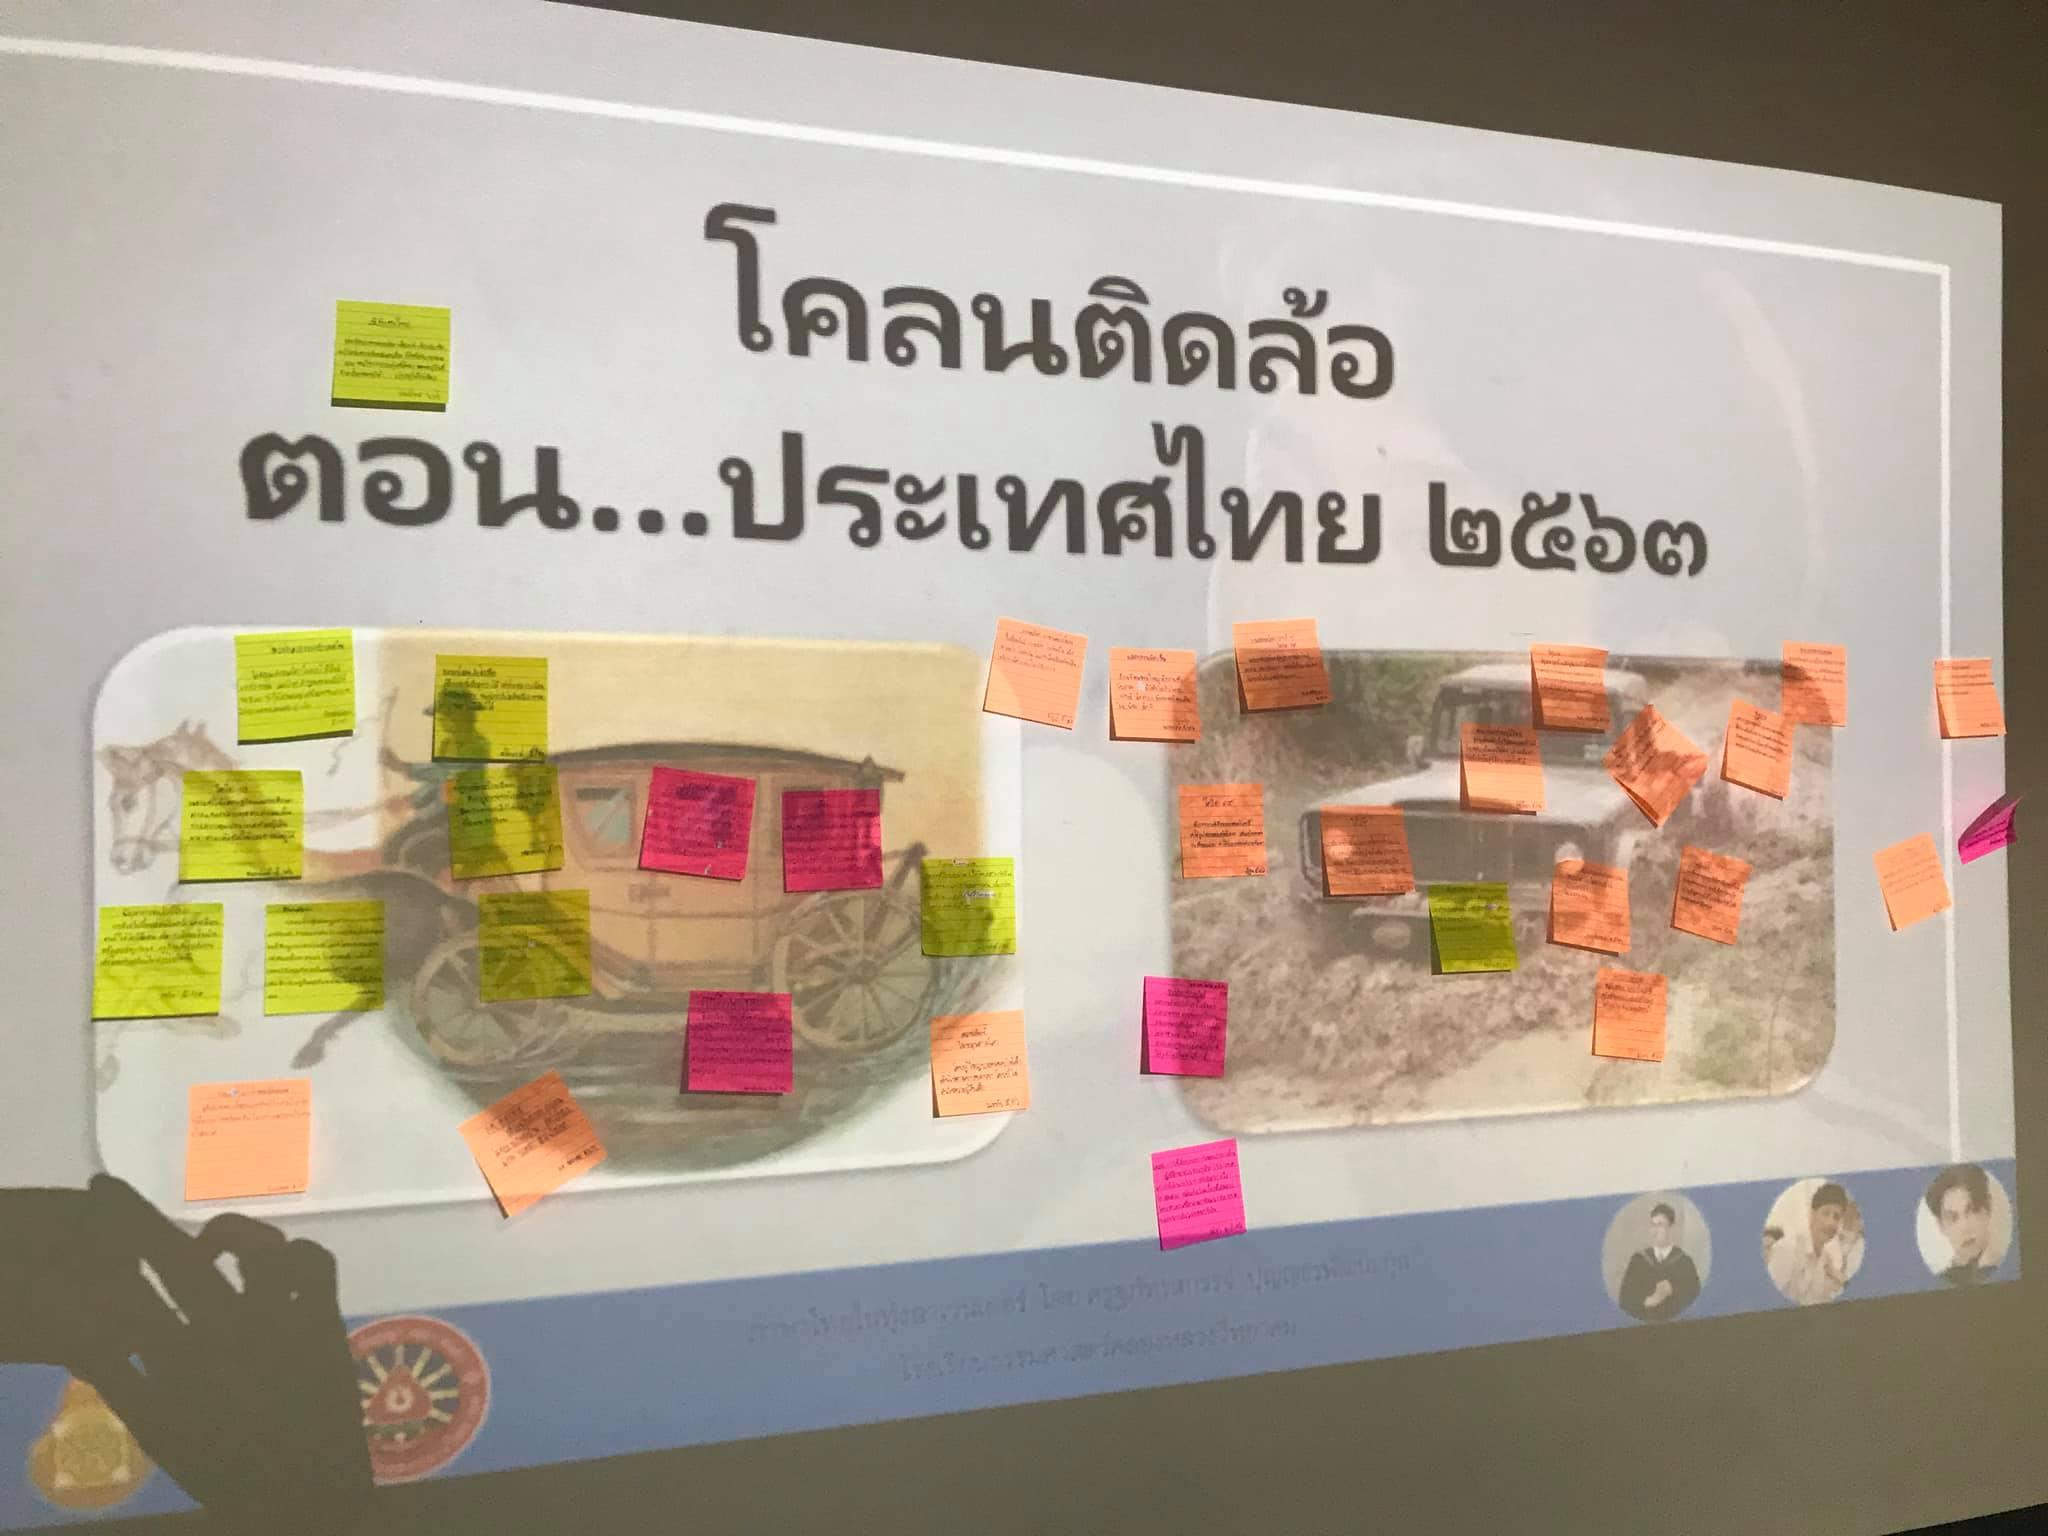 ภาพประกอบไอเดีย สัมมนาโคลนติดล้อ ตอน...ประเทศไทย ๒๕๖๓